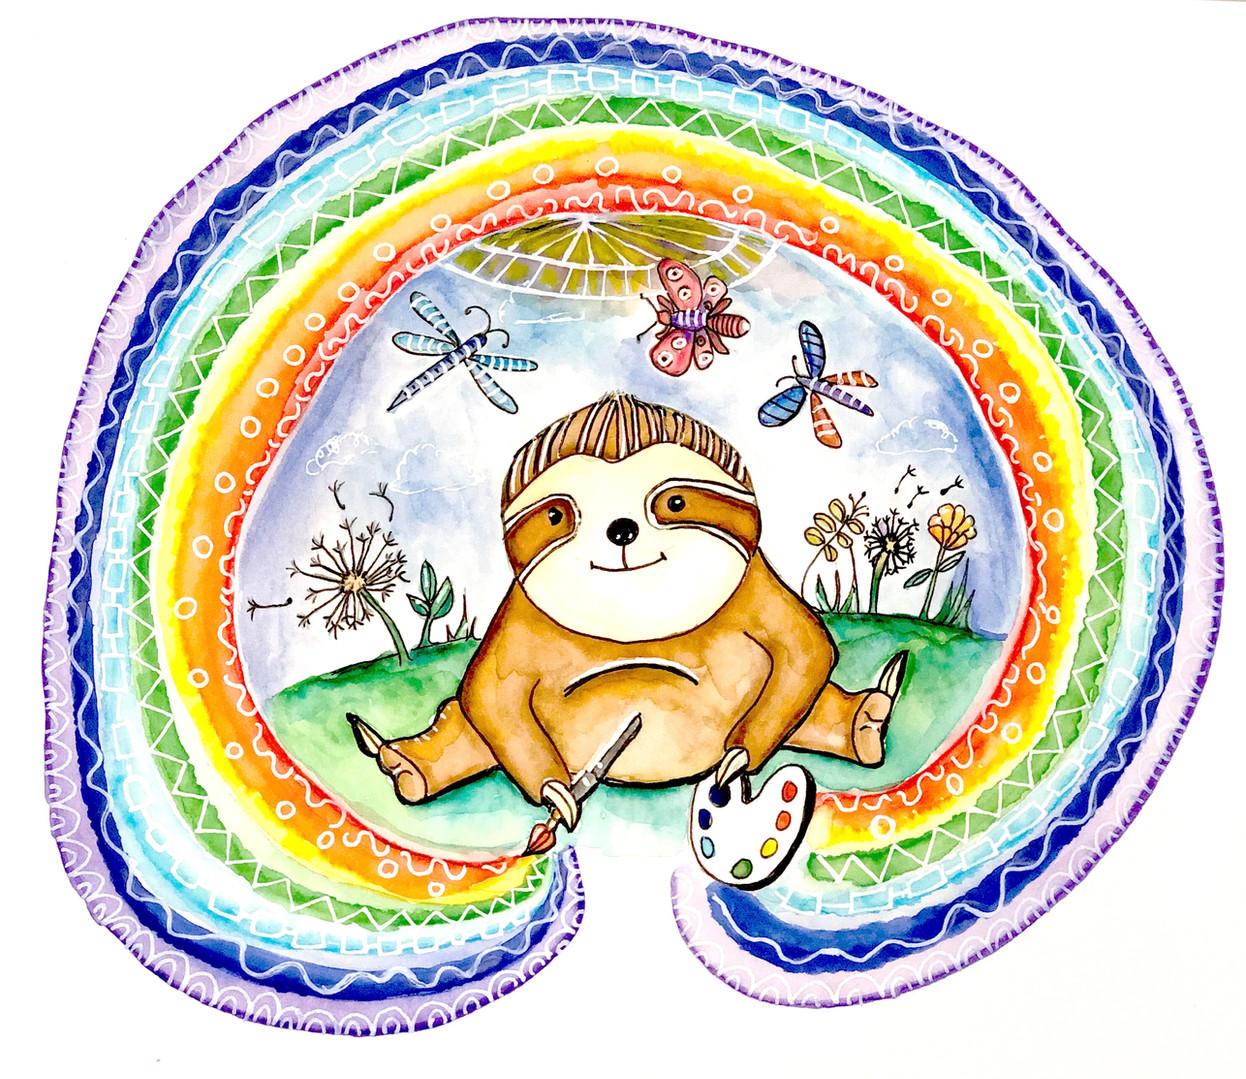 Happy Sloth by Jocelyn Fitzgerald